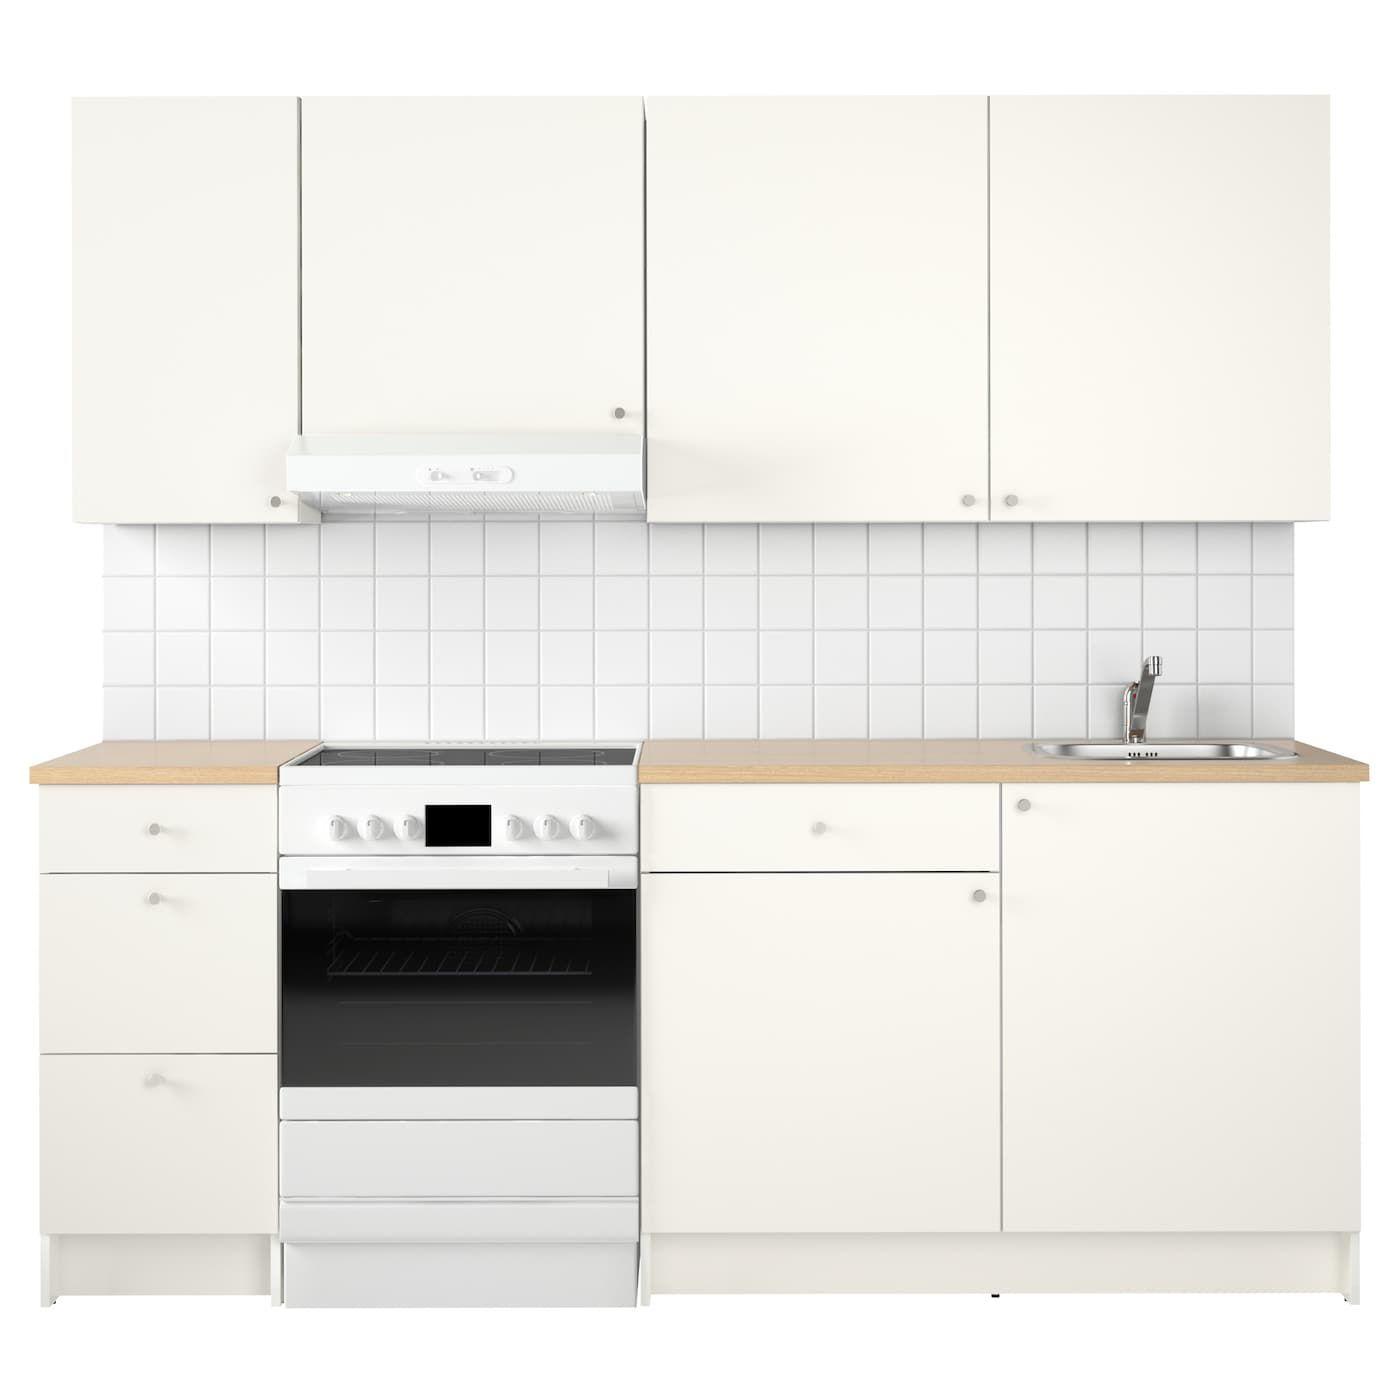 KNOXHULT Küche weiß IKEA Österreich Küchenschrank